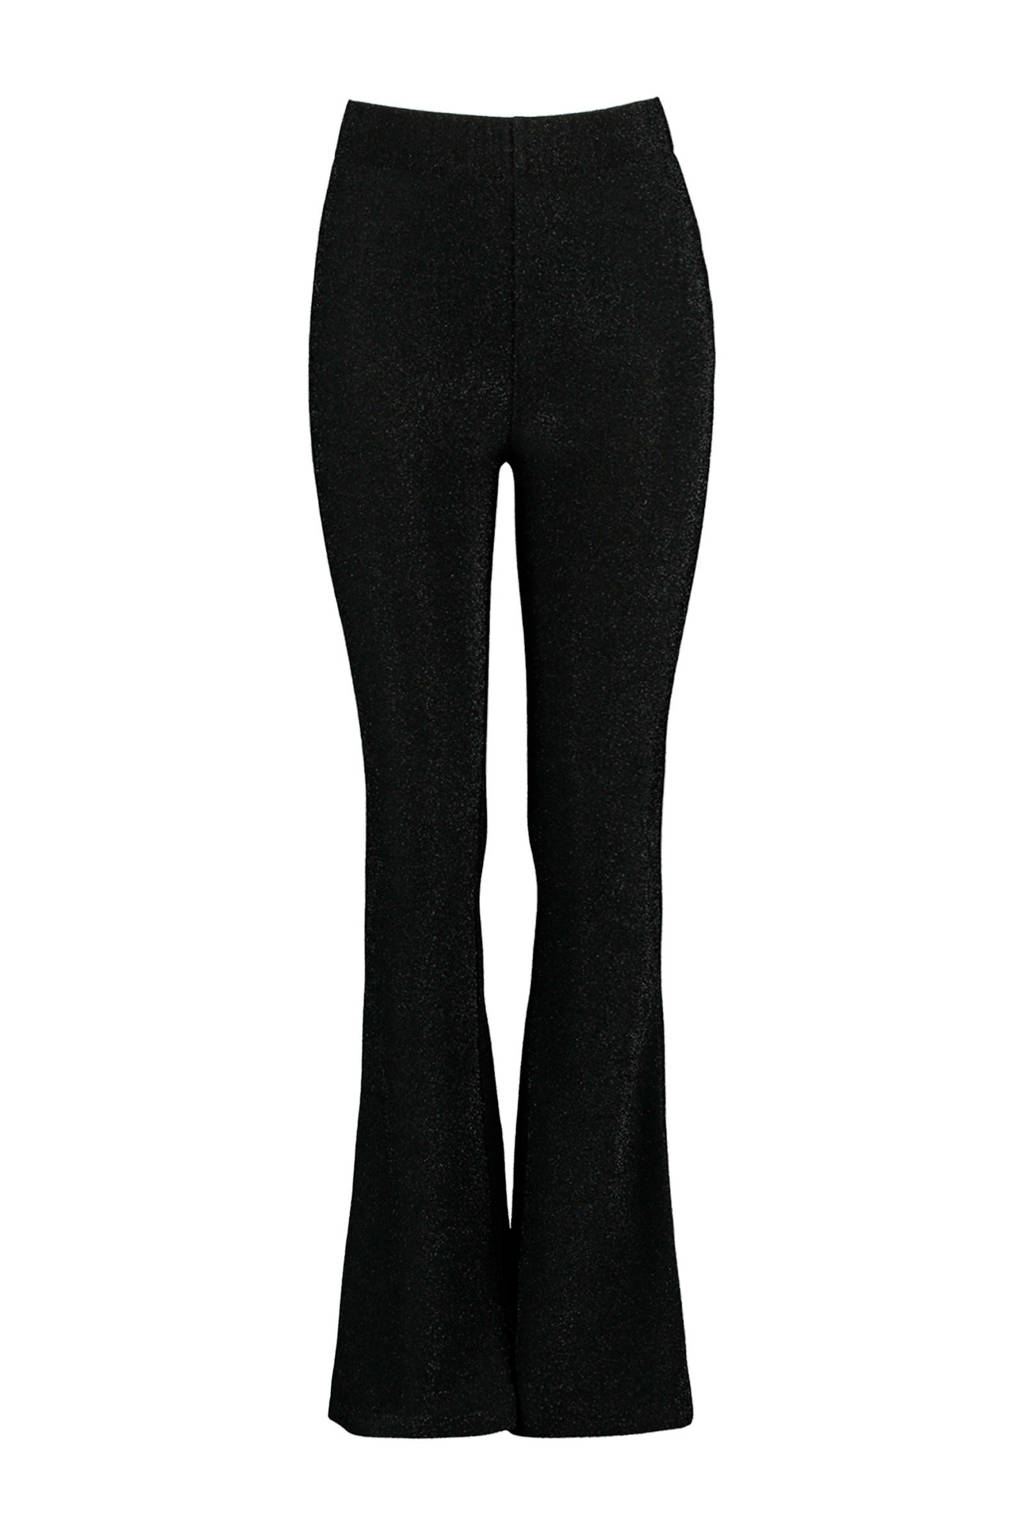 CoolCat Junior flared broek Pearl zwart/zilver, Zwart/zilver